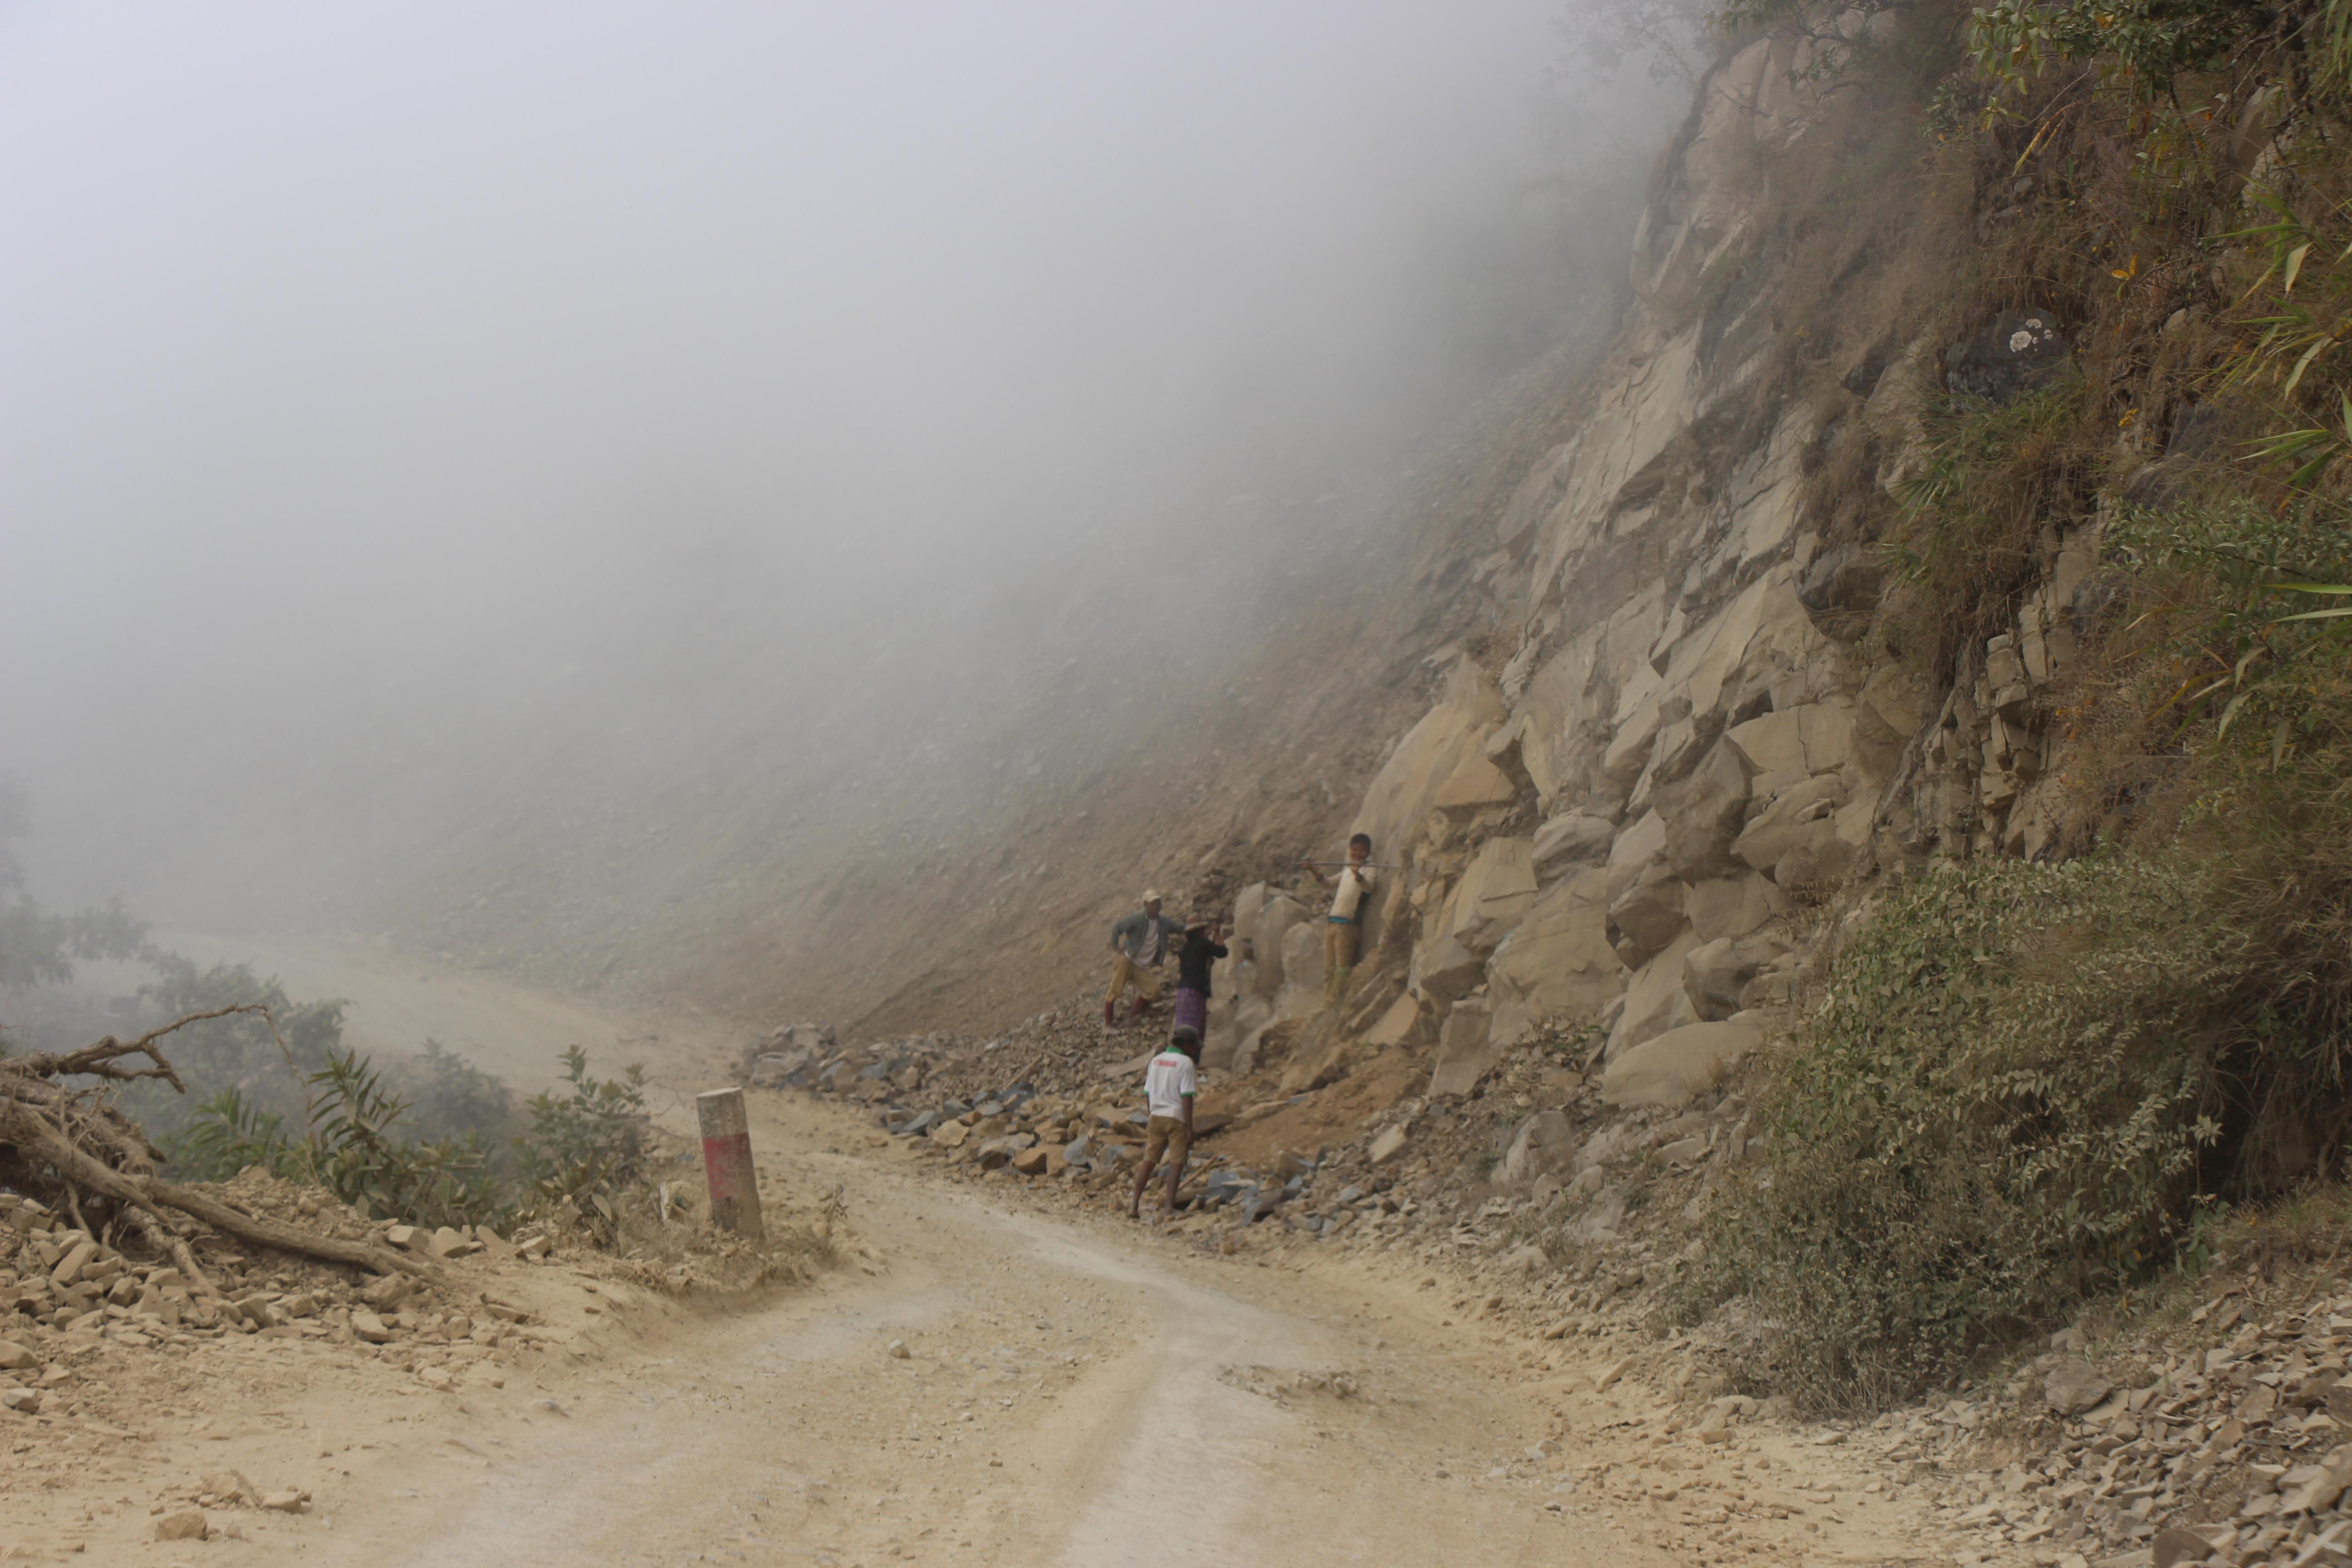 ရိဒ်- တီးတိန် ကုန်သွယ်ရေးလမ်းကို အဆင့်မြှင့်တင်ပေးရန် ဒုတိယသမ္မထံ တင်ပြ